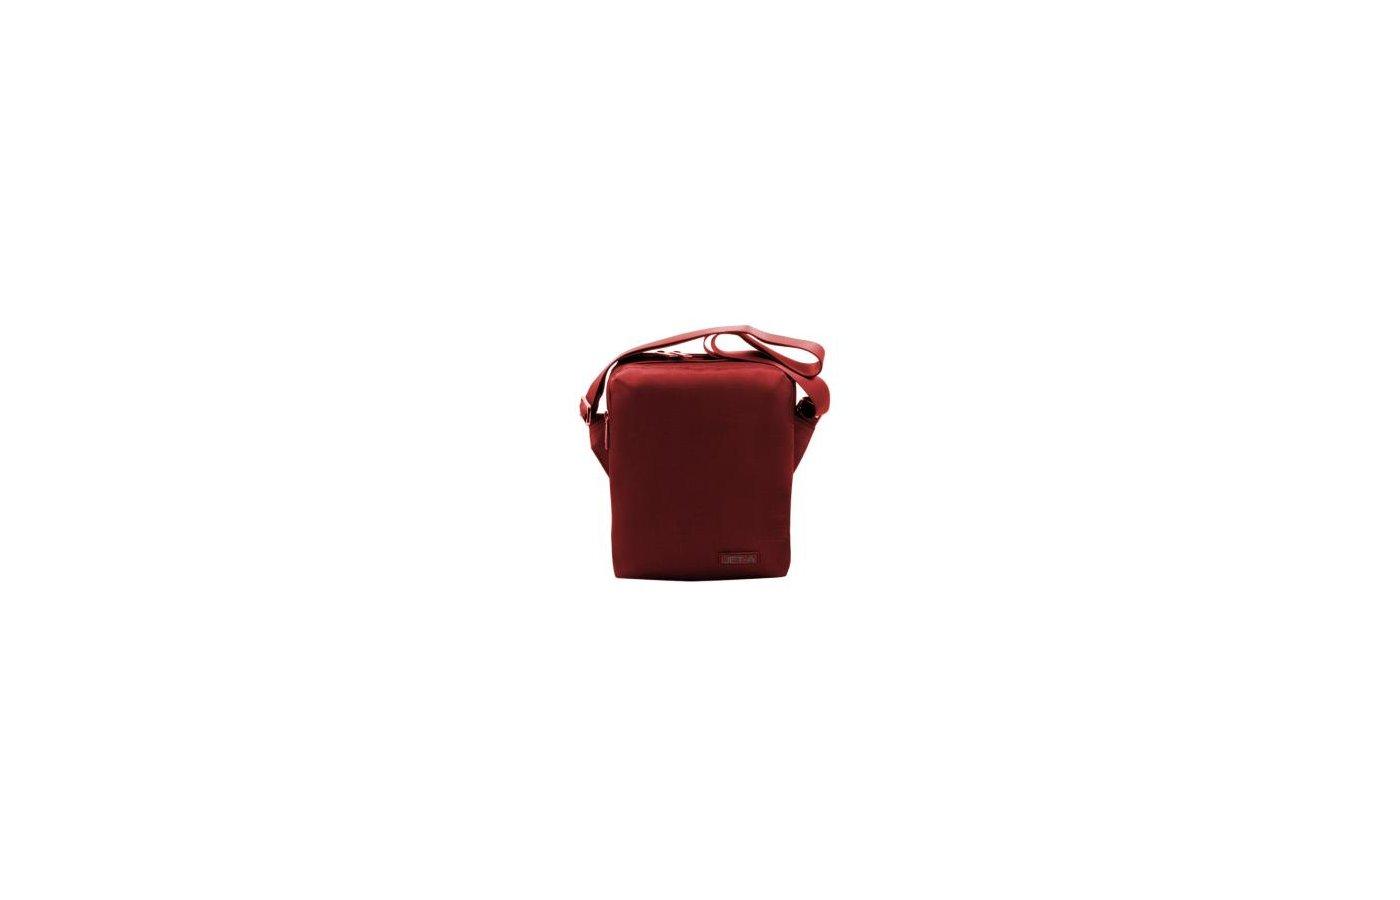 Чехол для планшетного ПК Сумка для Jet.A LB10-67 Компактная сумка для планшетов ( IPAD, Samsung GT и т.д.) до 10.2, Красный